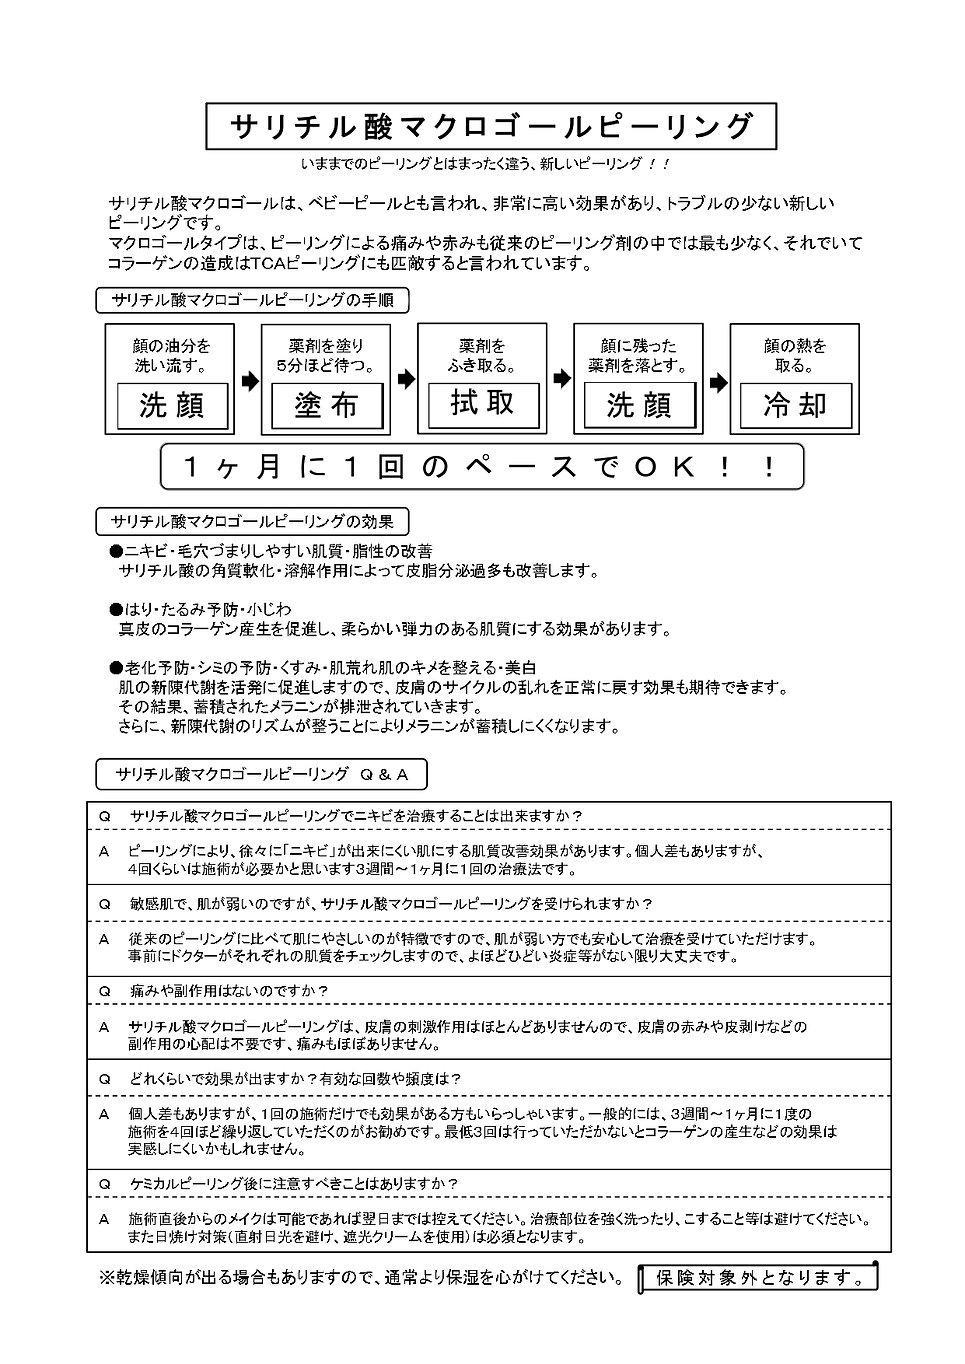 【サリチル酸マクロゴールピーリングパンフレット】_page-0001.j